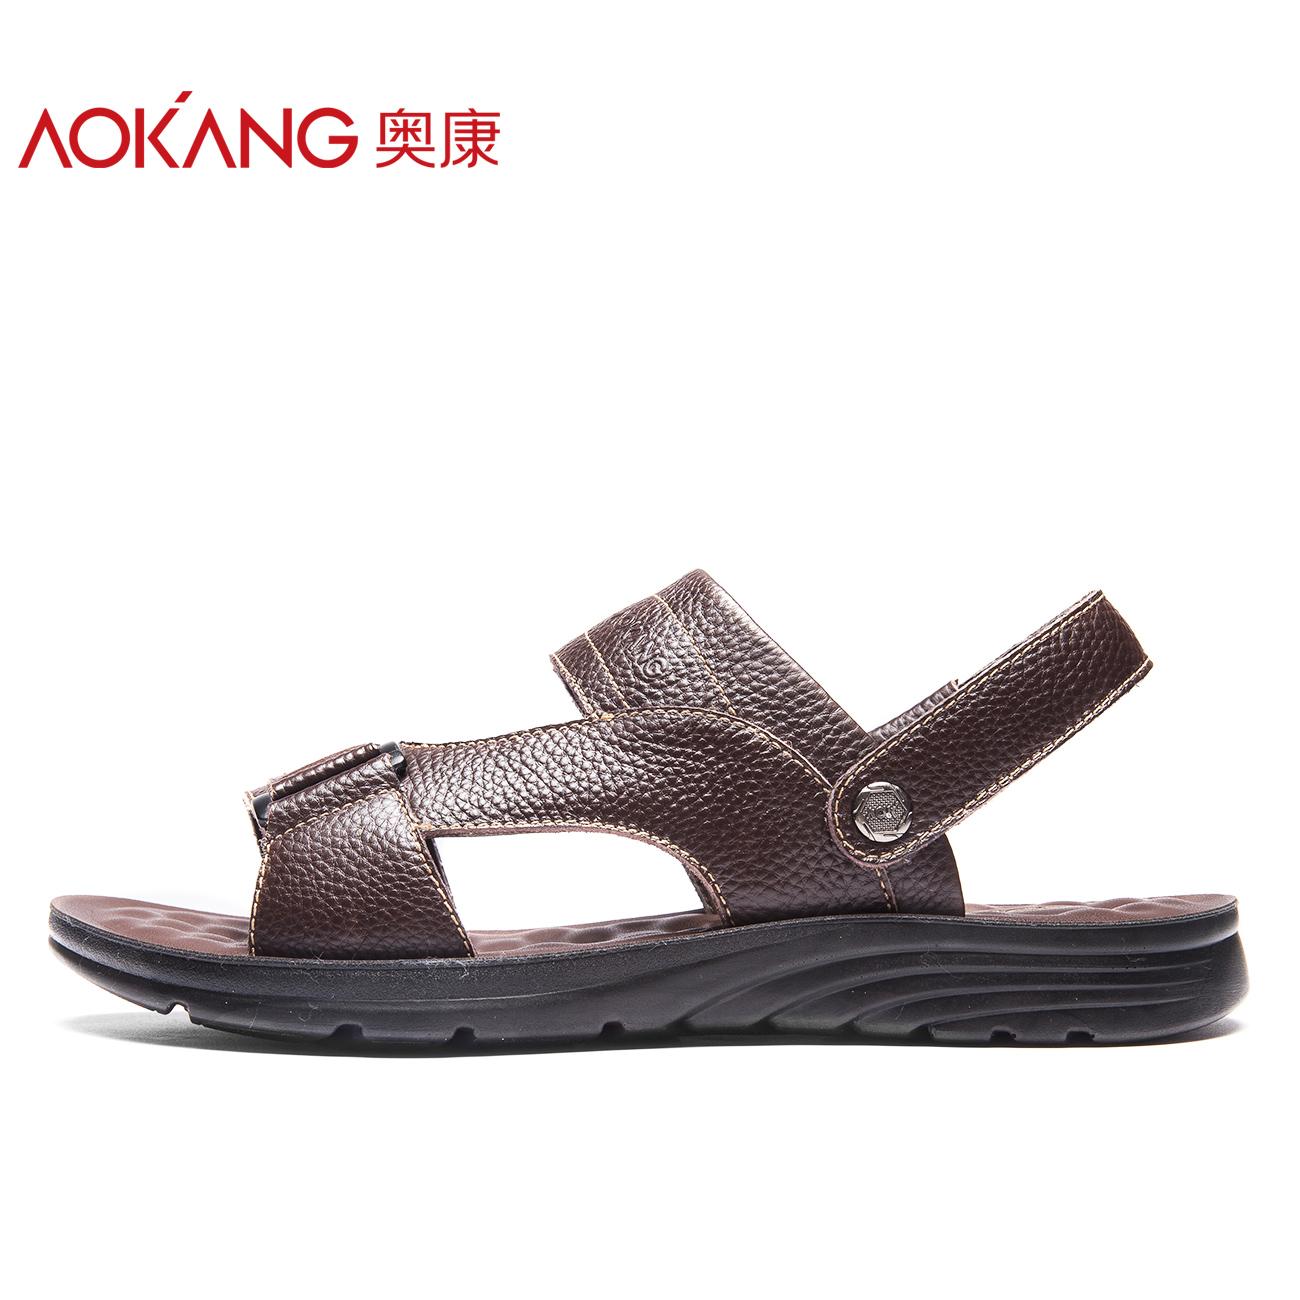 奥康凉鞋 透气舒适沙滩鞋男鞋  男士夏季真皮沙滩鞋两穿休闲凉拖鞋